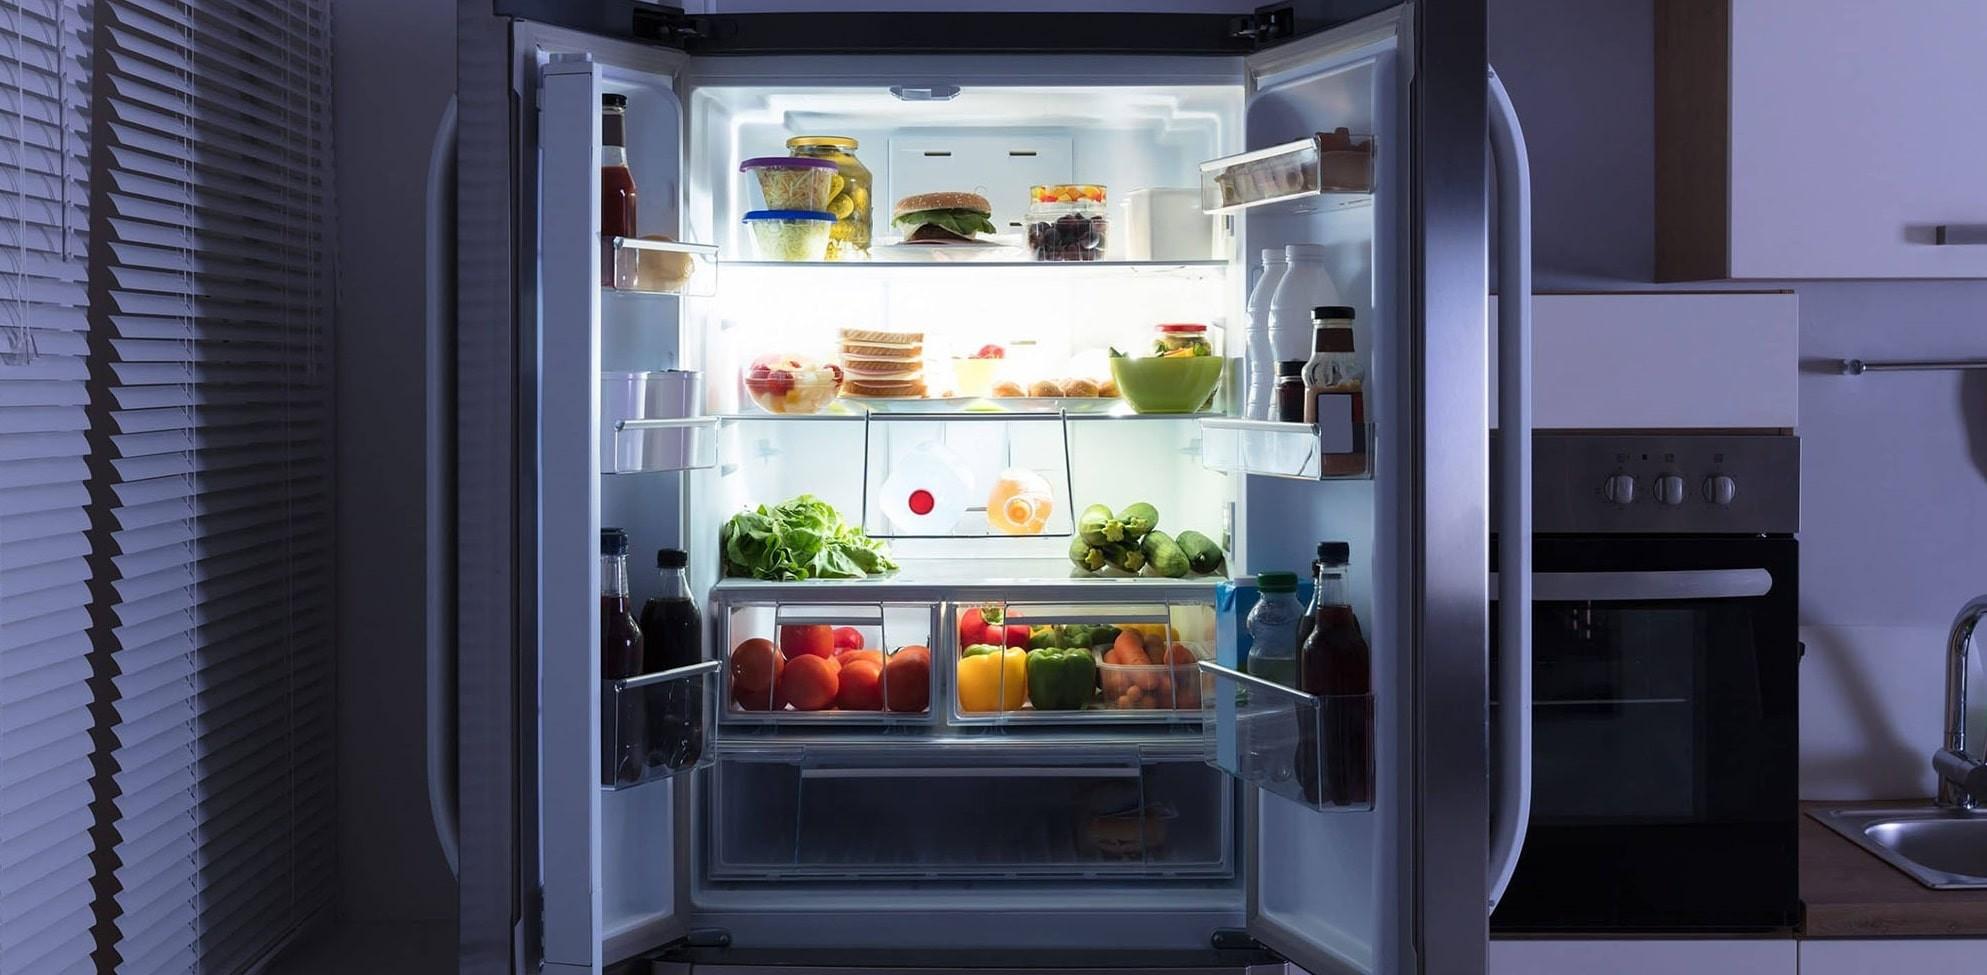 изготавливали холодильник с картинками посмотреть просто пословицы поговорки детей